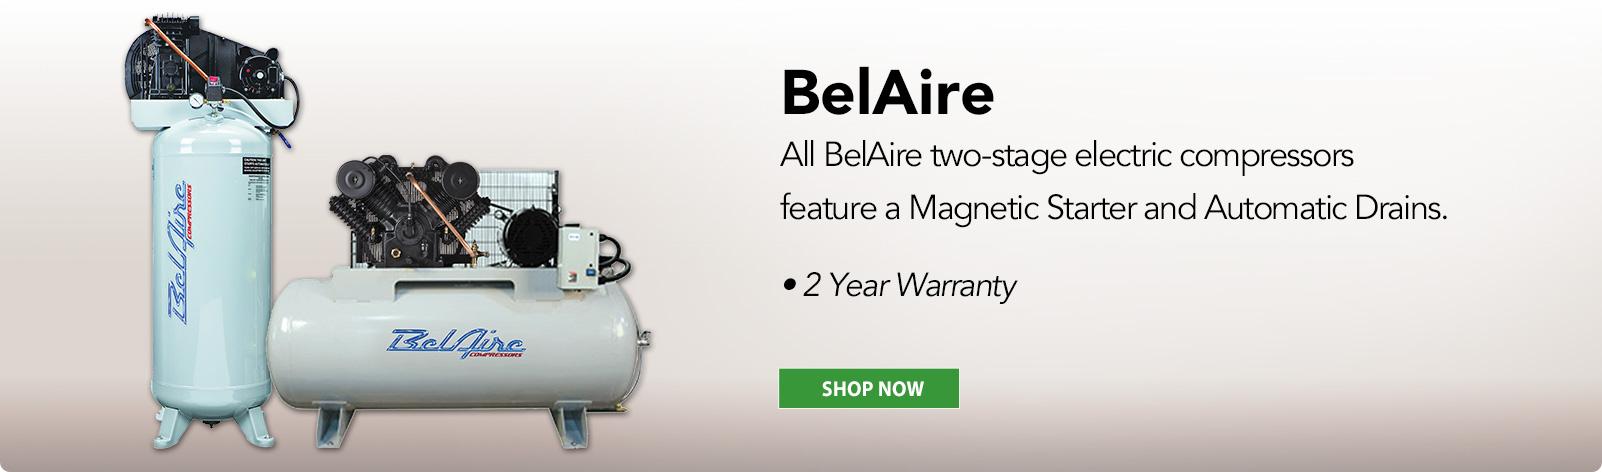 BelAire Compressor